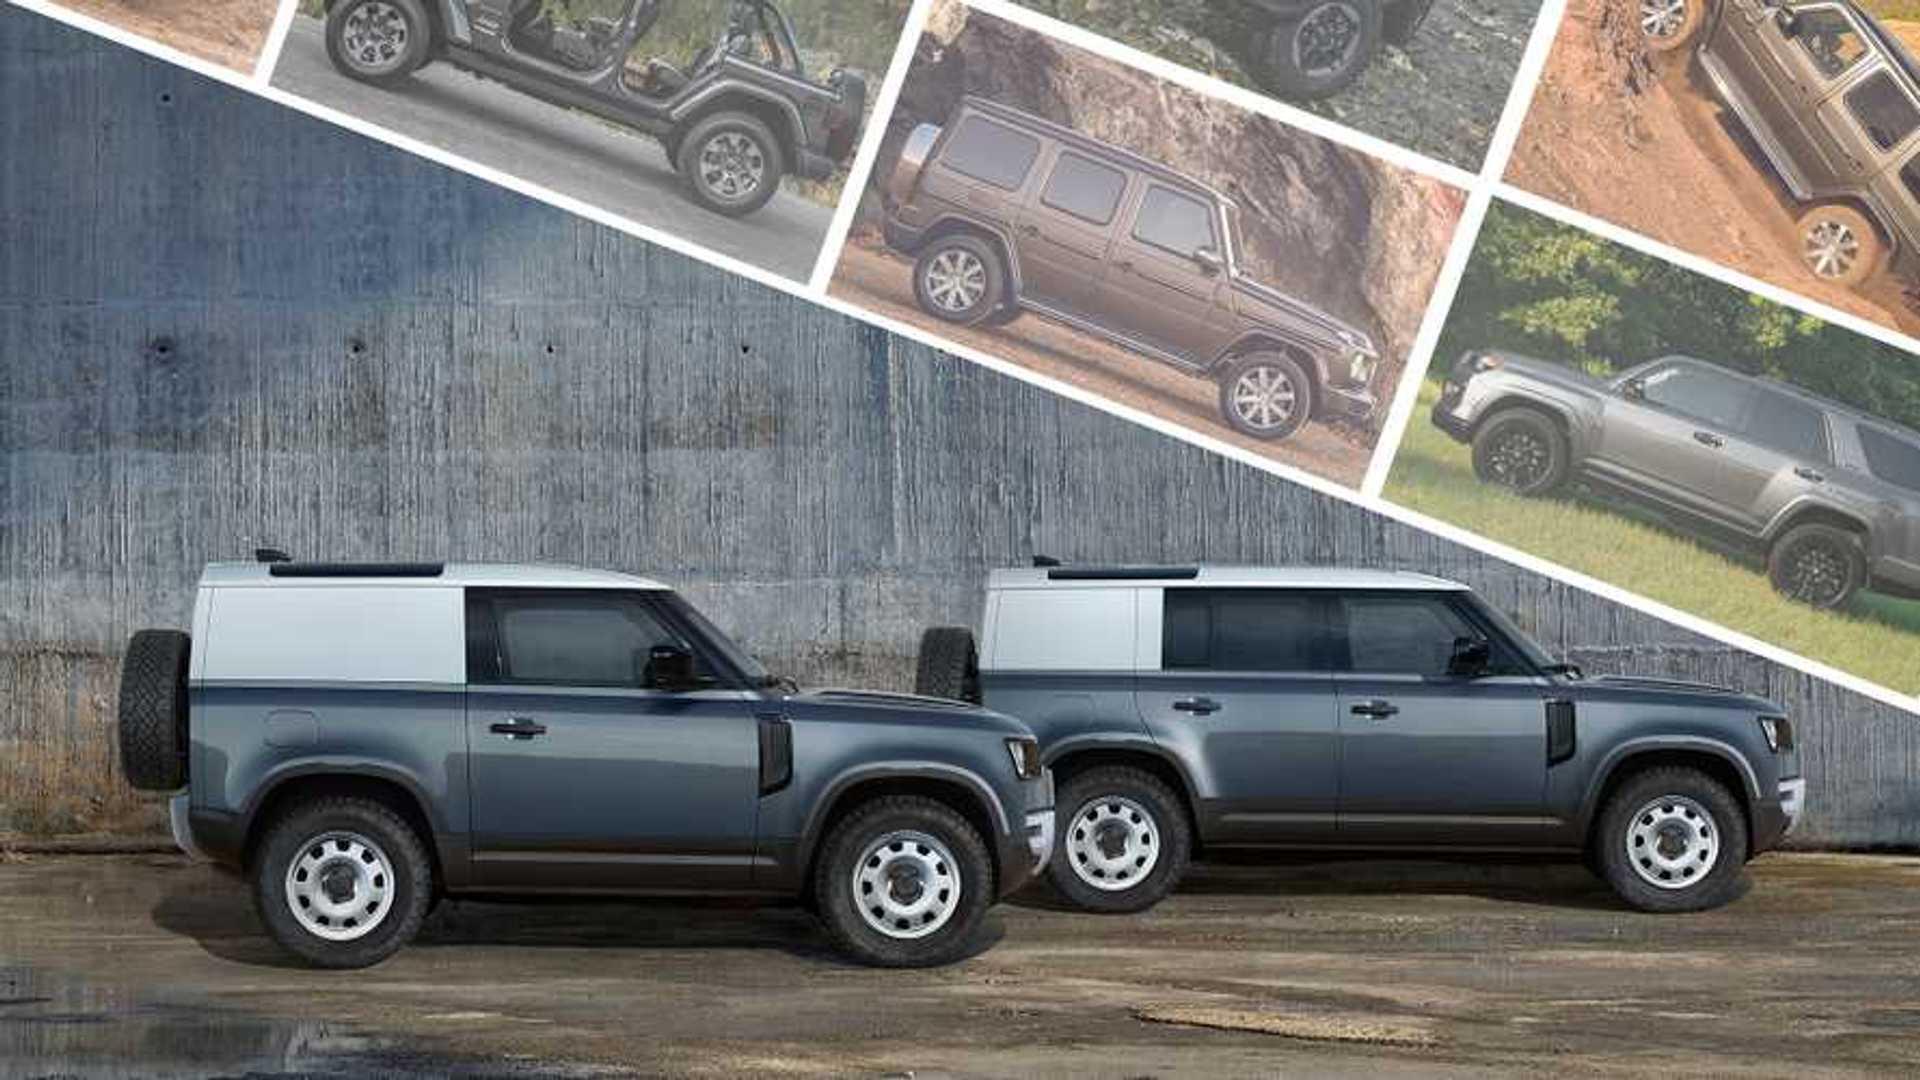 2020 Land Rover Defender Vs. Wrangler, 4Runner, G-Class